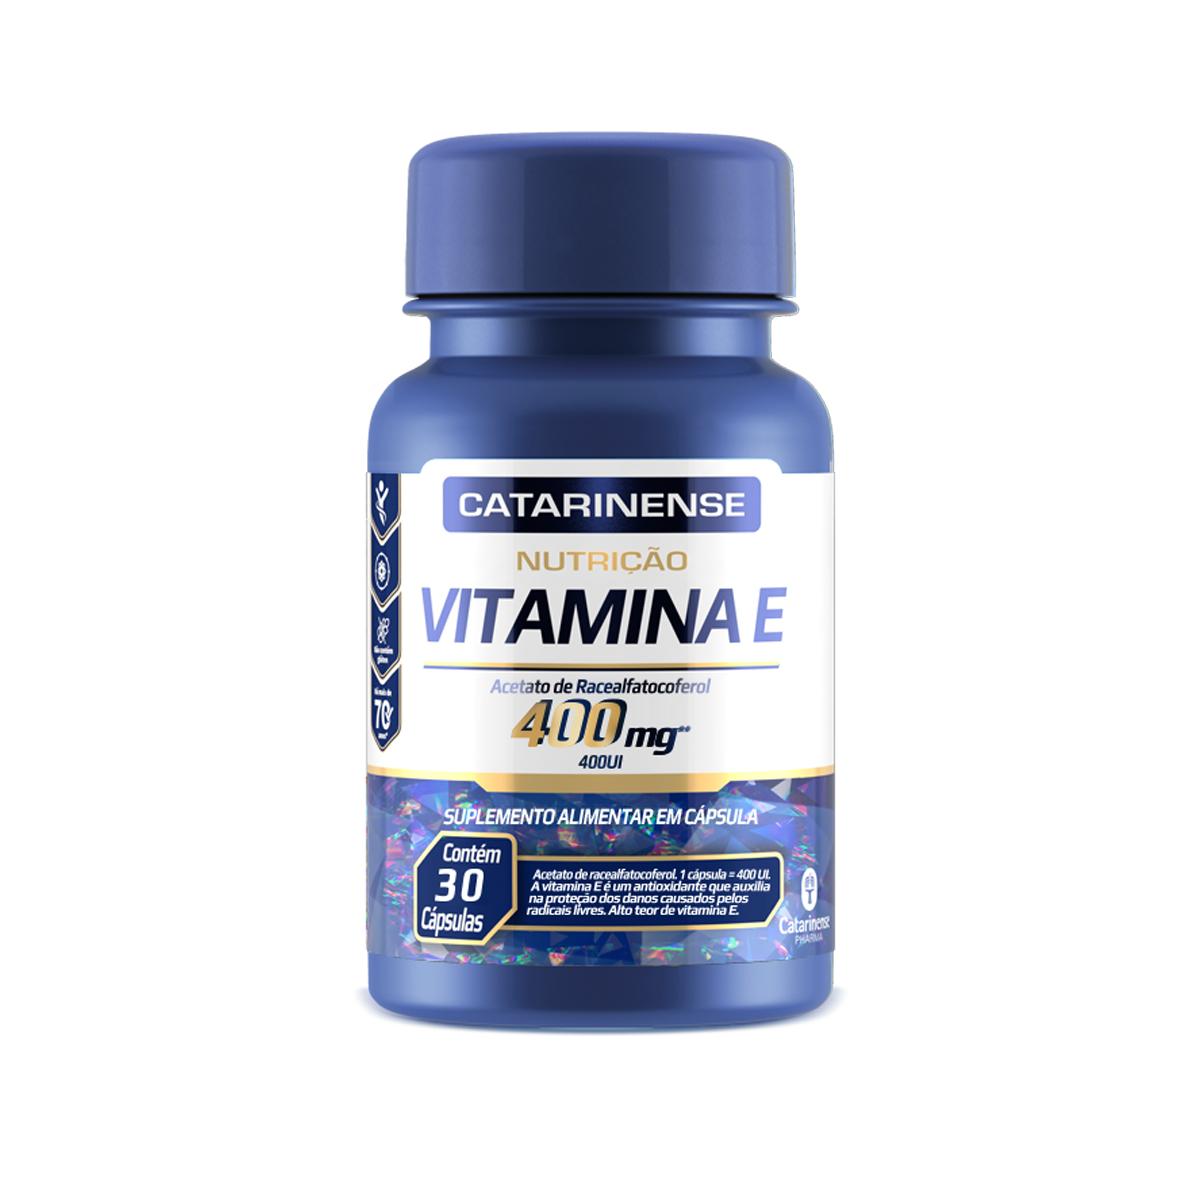 Vitamina E 400mg 30 Cápsulas  - Catarinense